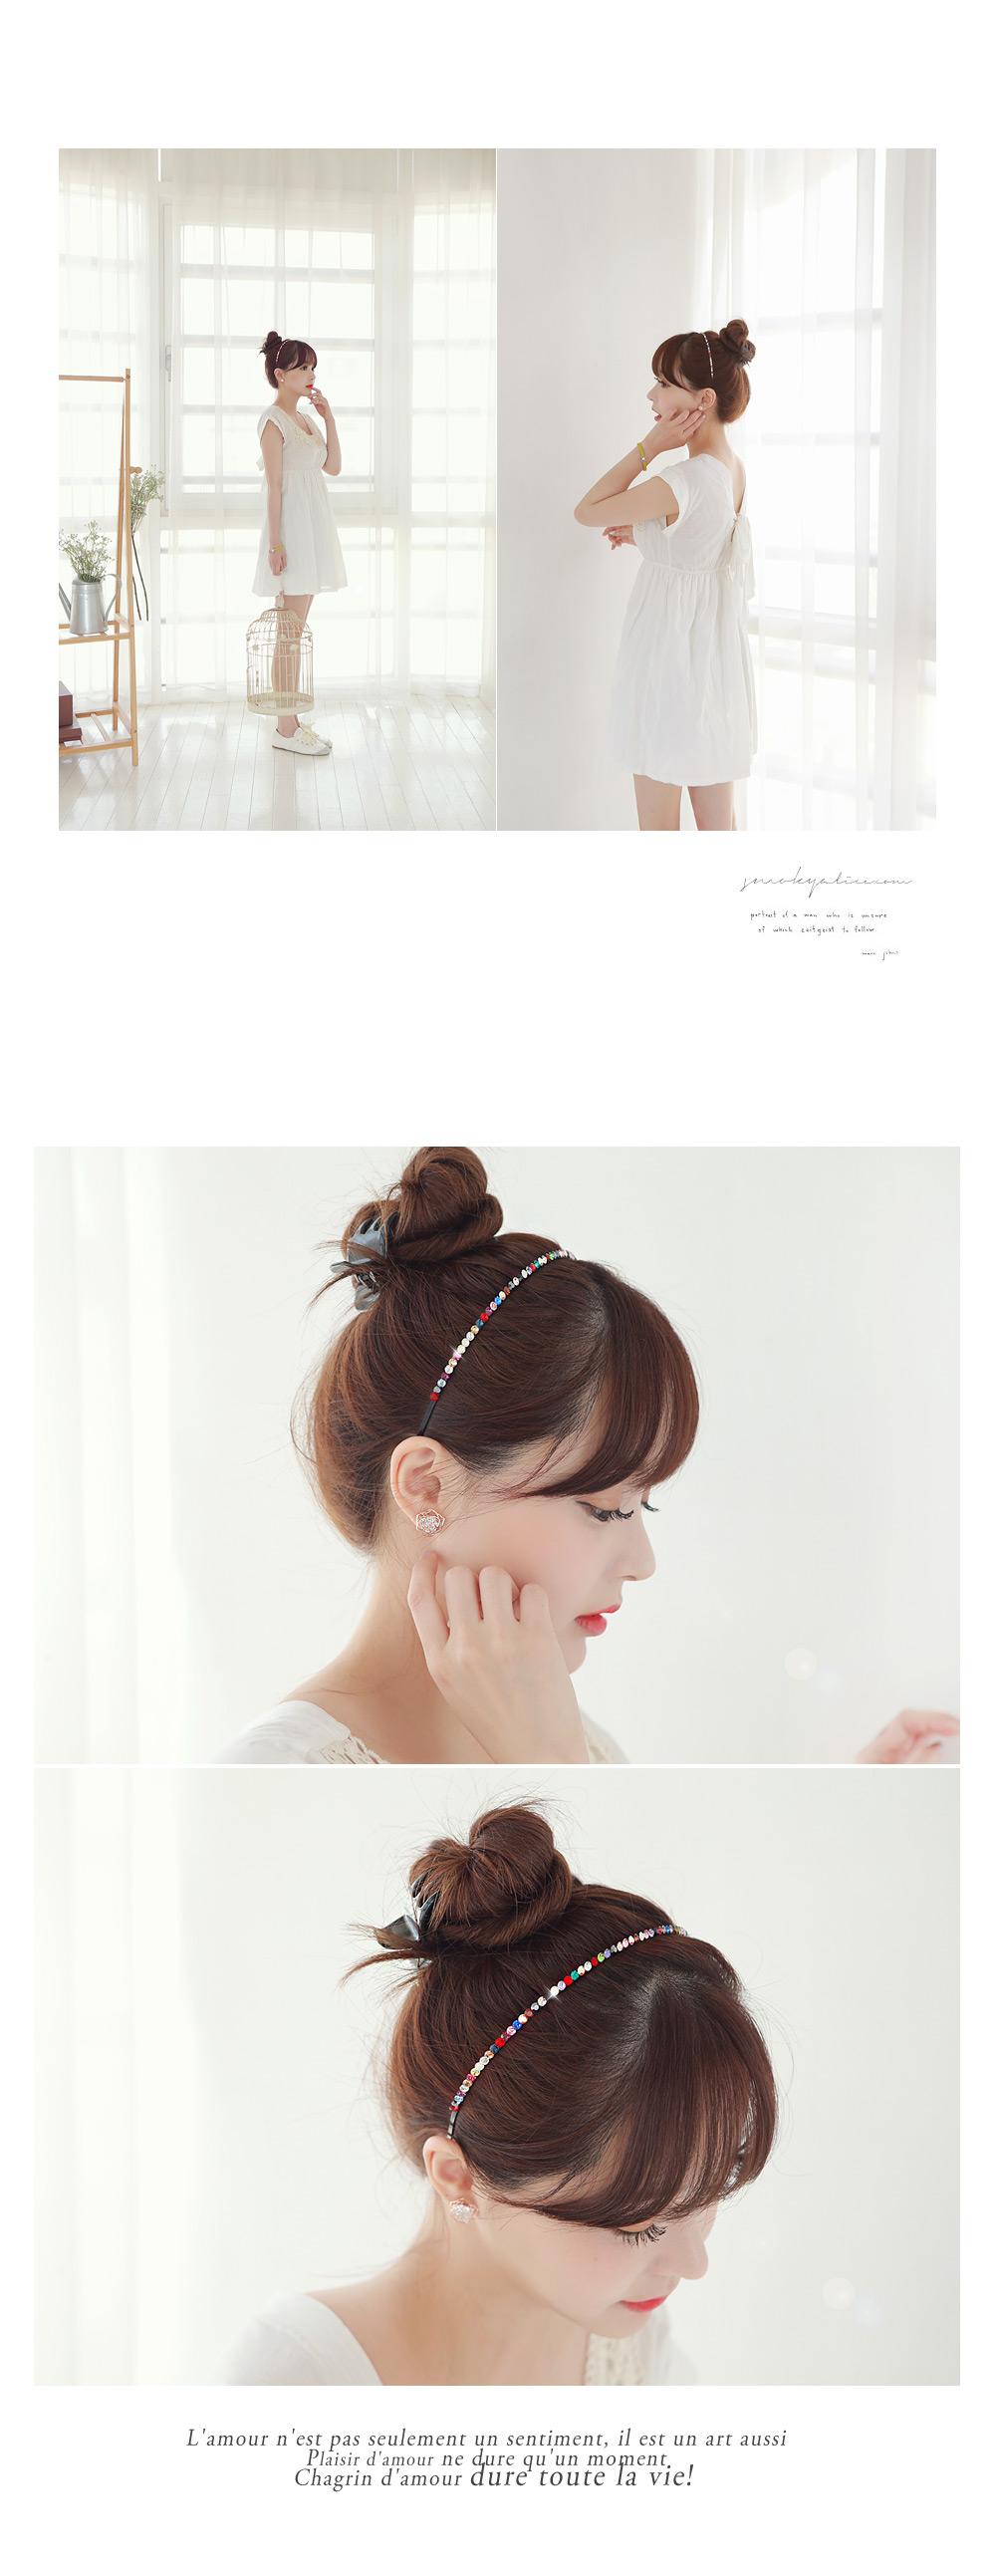 Twinkle_H_08.jpg